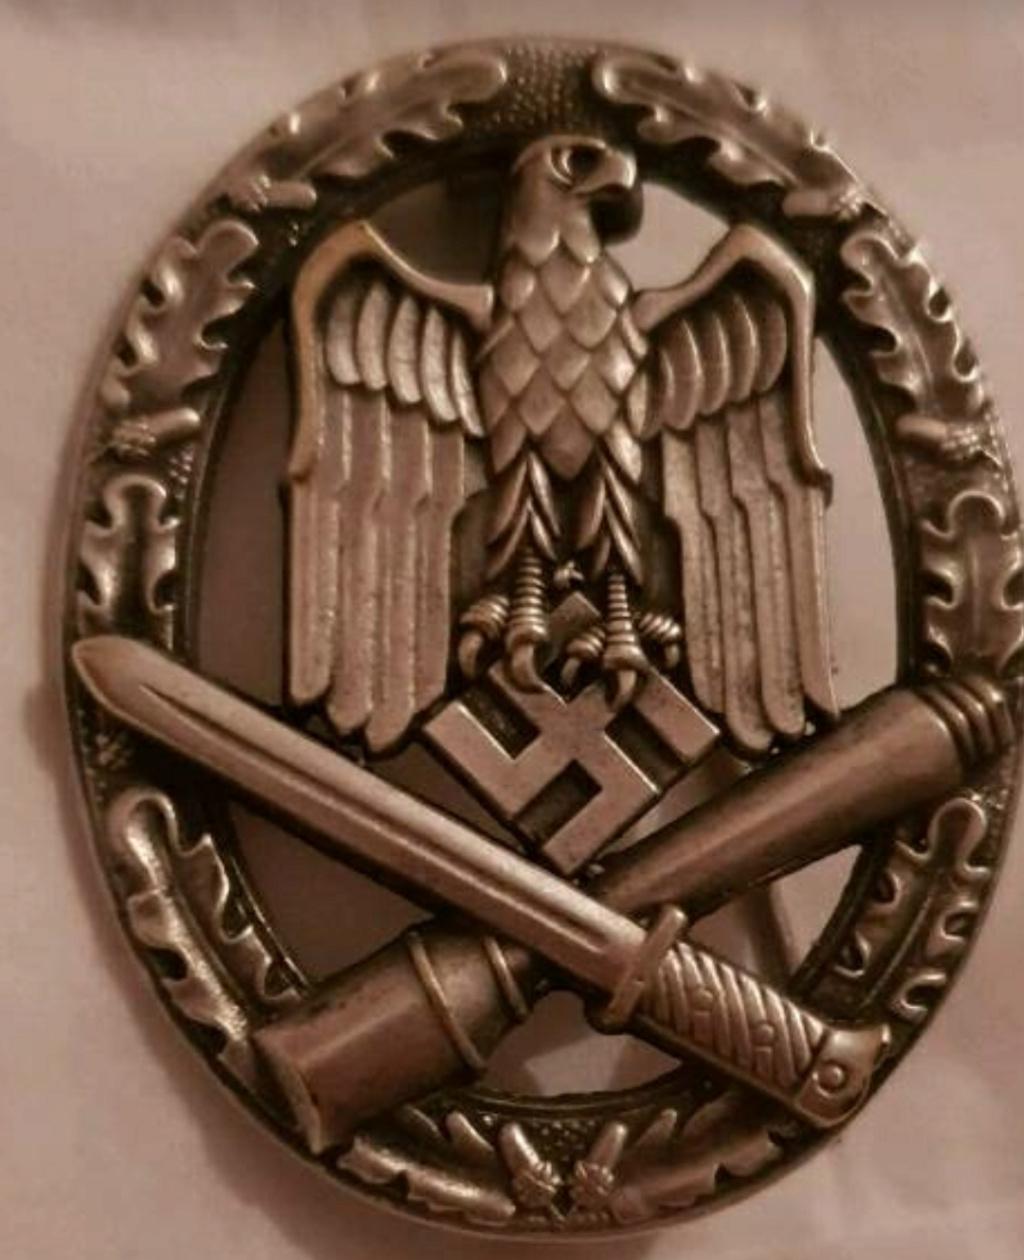 Authentification deux badges allemand... Screen53